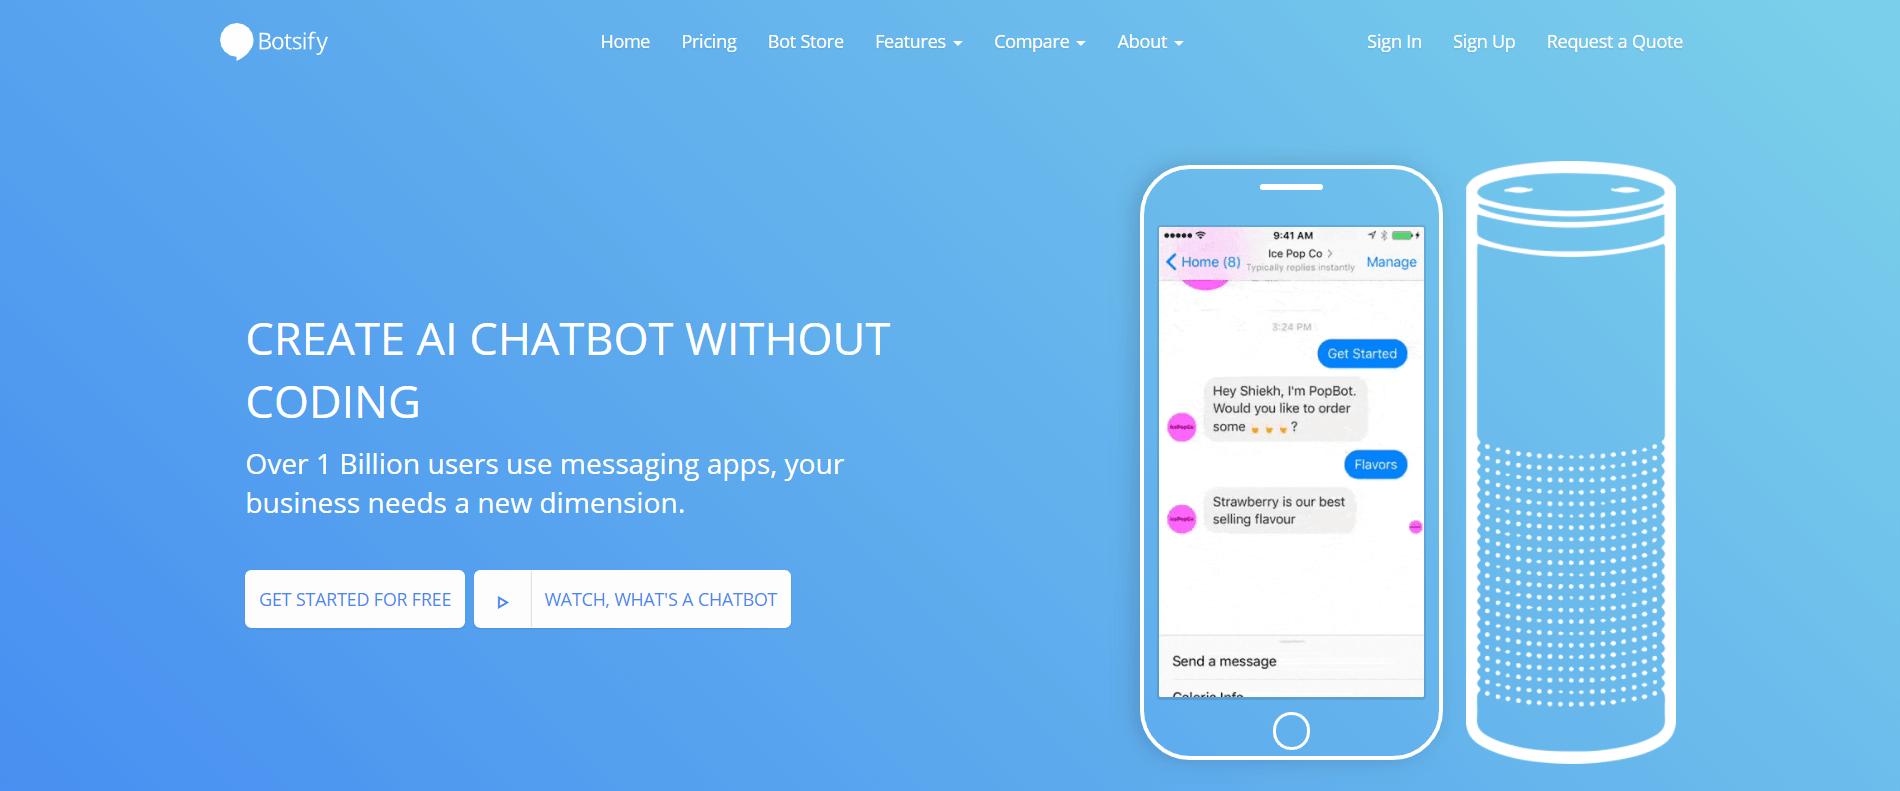 The Botsify chatbot platform.